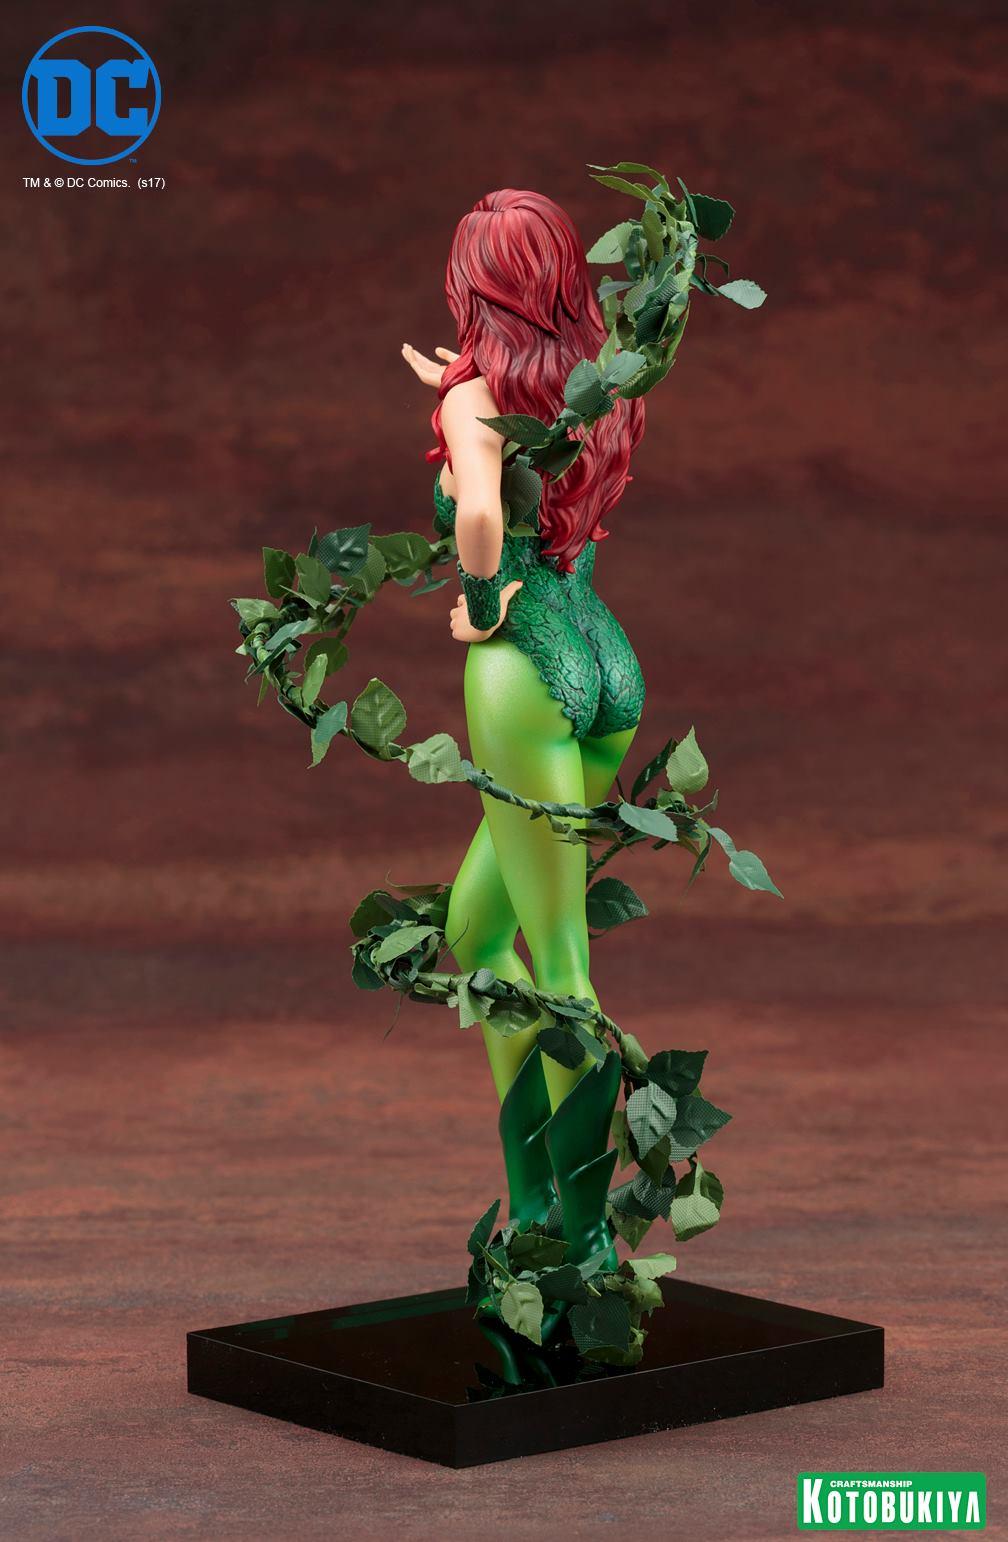 Kotobukiya-Artfx-Poison-Ivy-4 Figurine -  Poison Ivy par Kotobukiya (ArtFX)